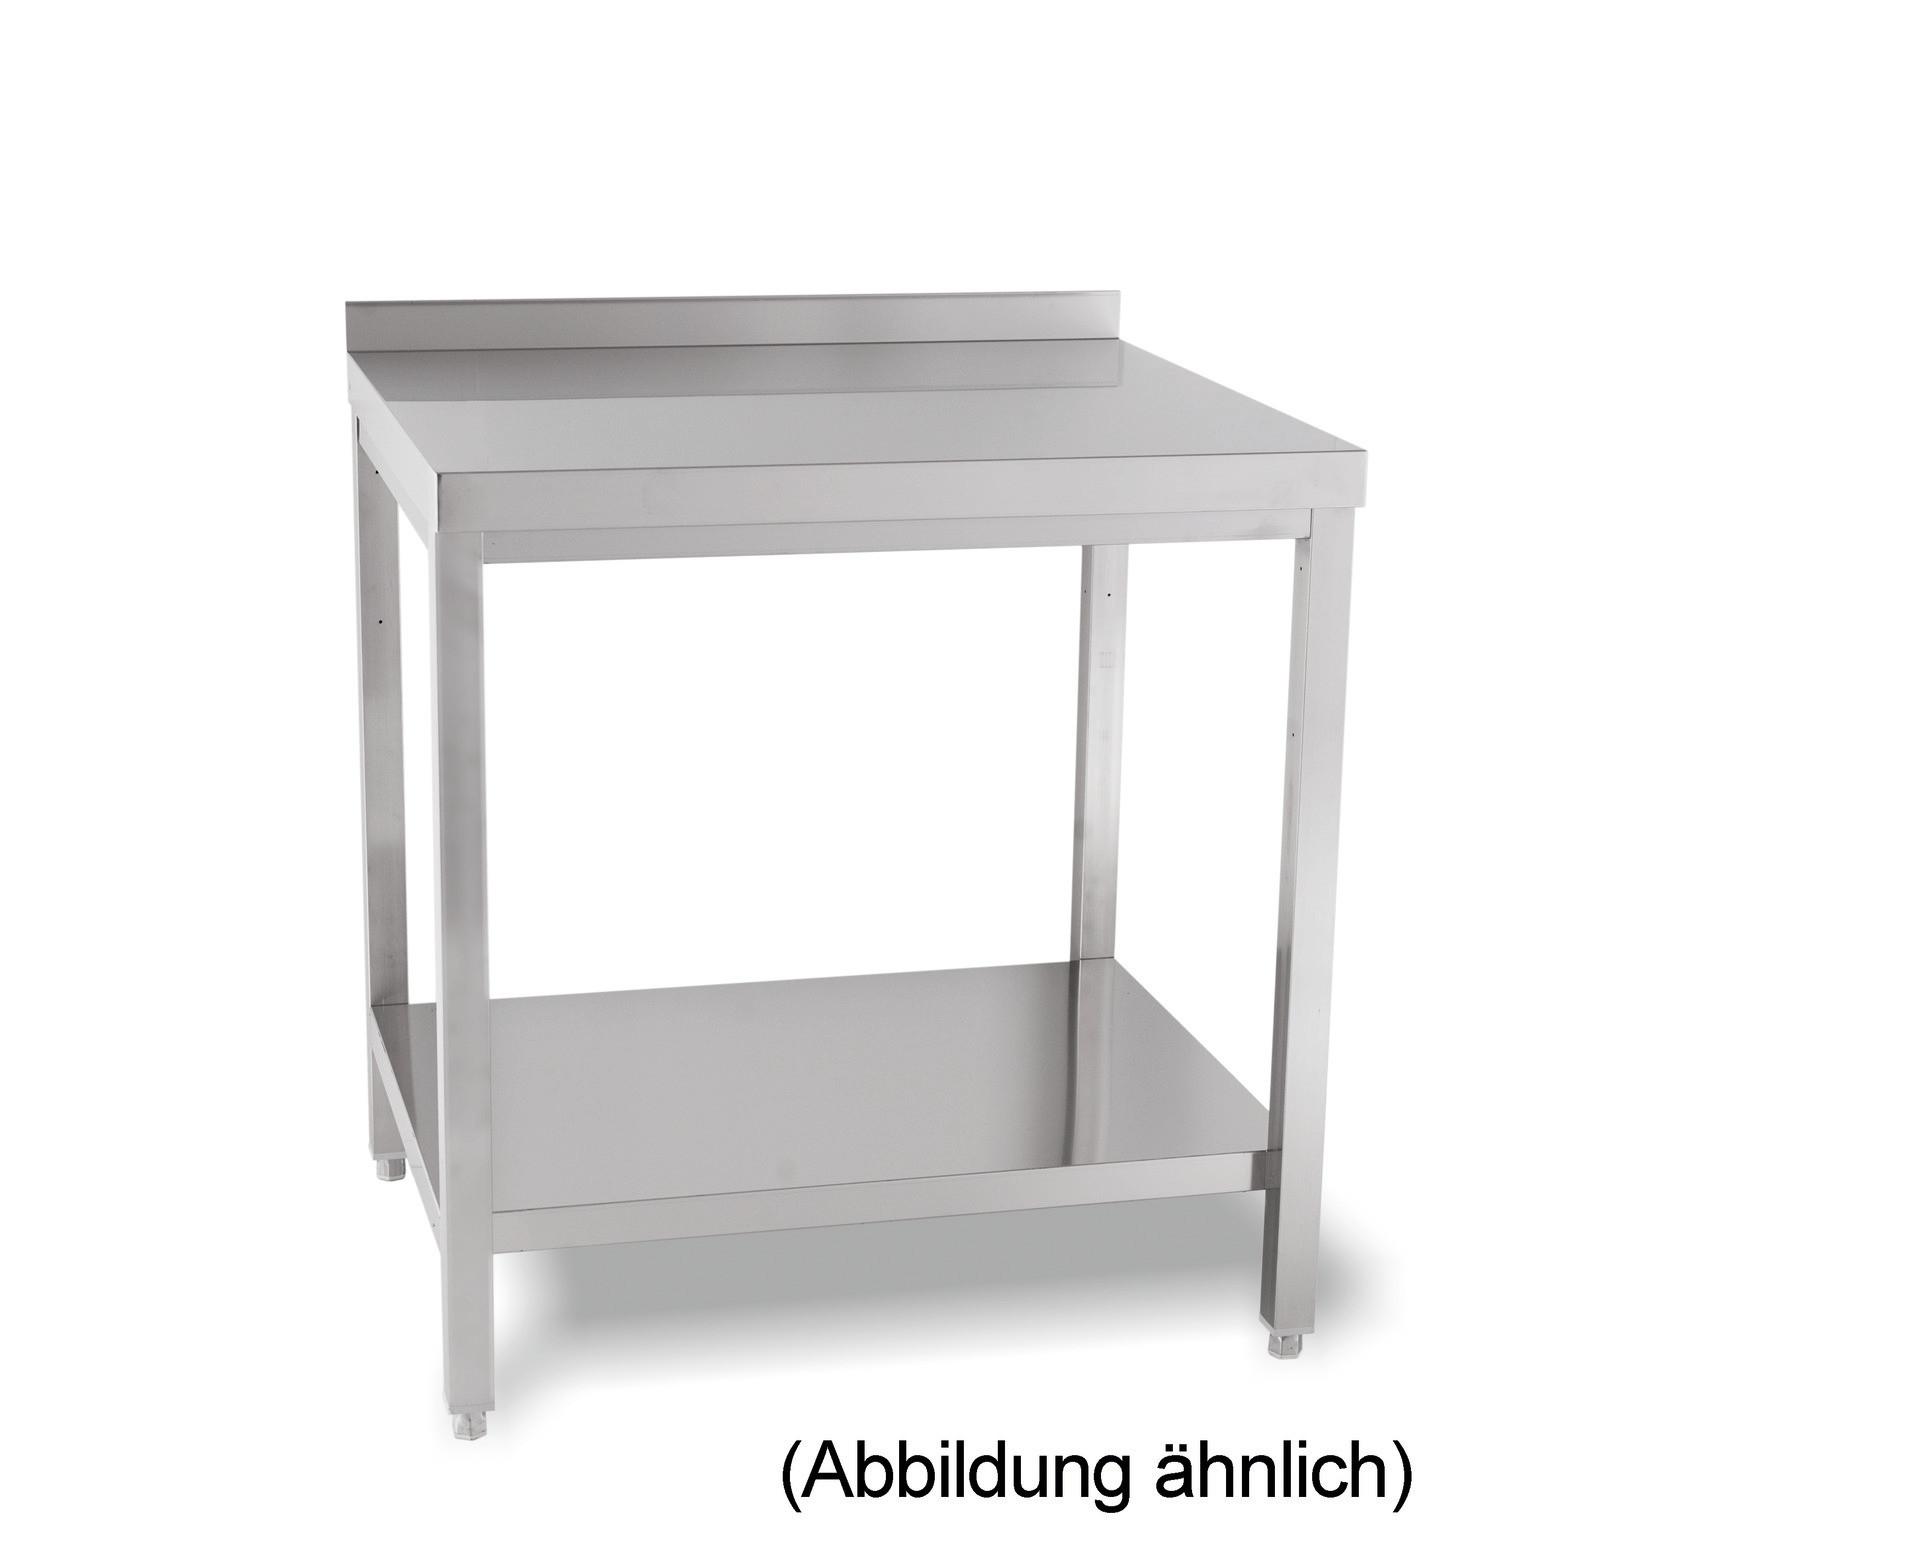 Arbeitstisch verschweißt mit Ablageboden mit 50 mm Aufkantung 1200 x 600 x 850 mm